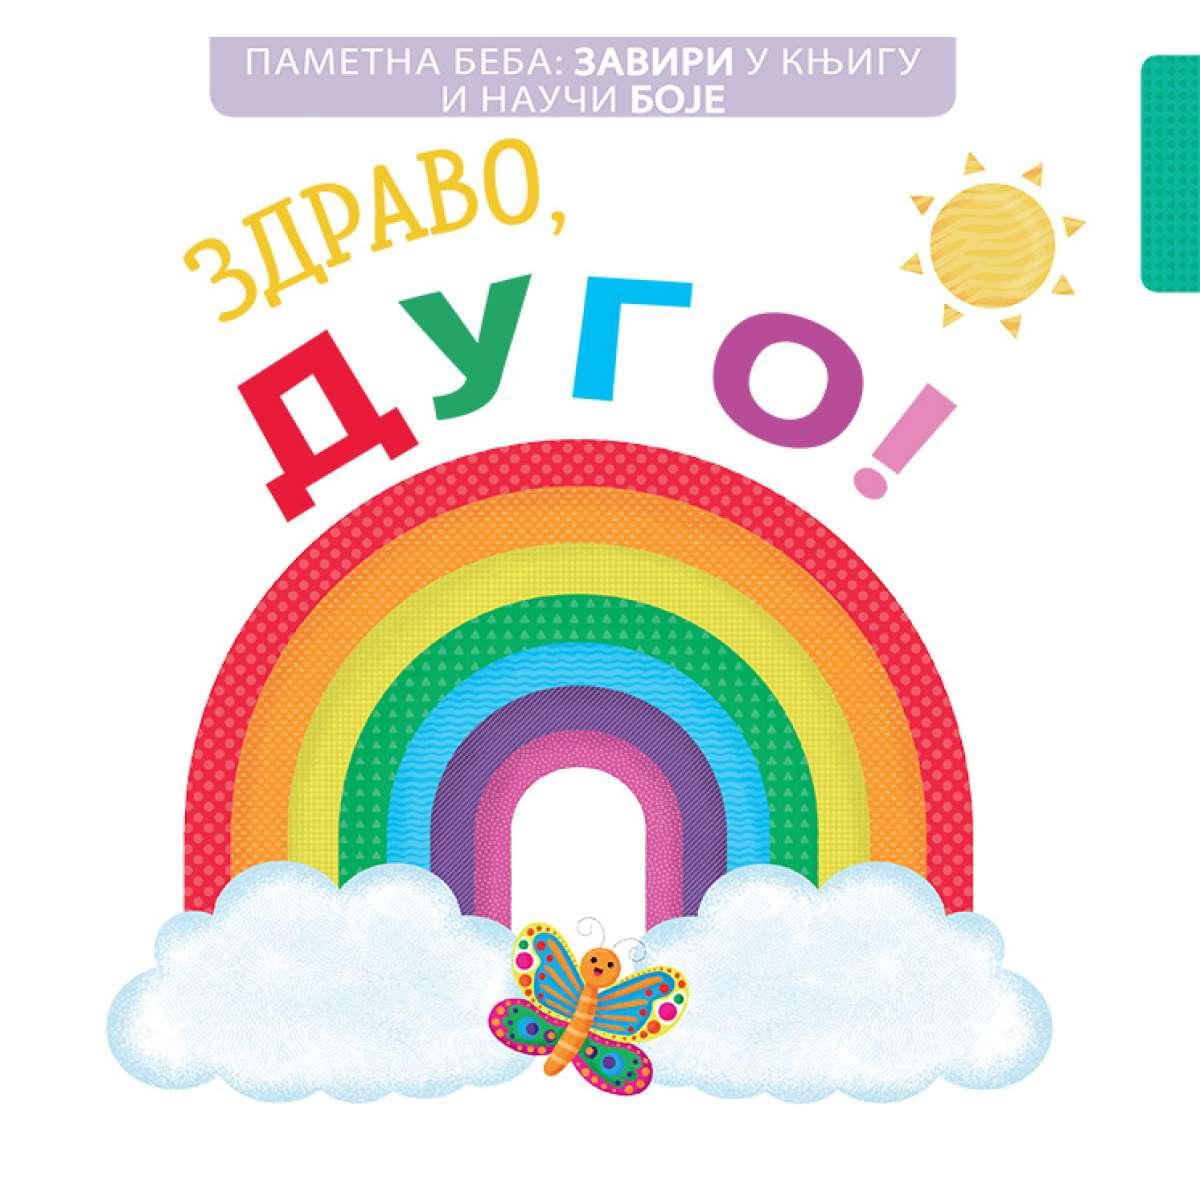 Pametna beba: Zaviri u knjigu i nauči boje: Zdravo, dugo!